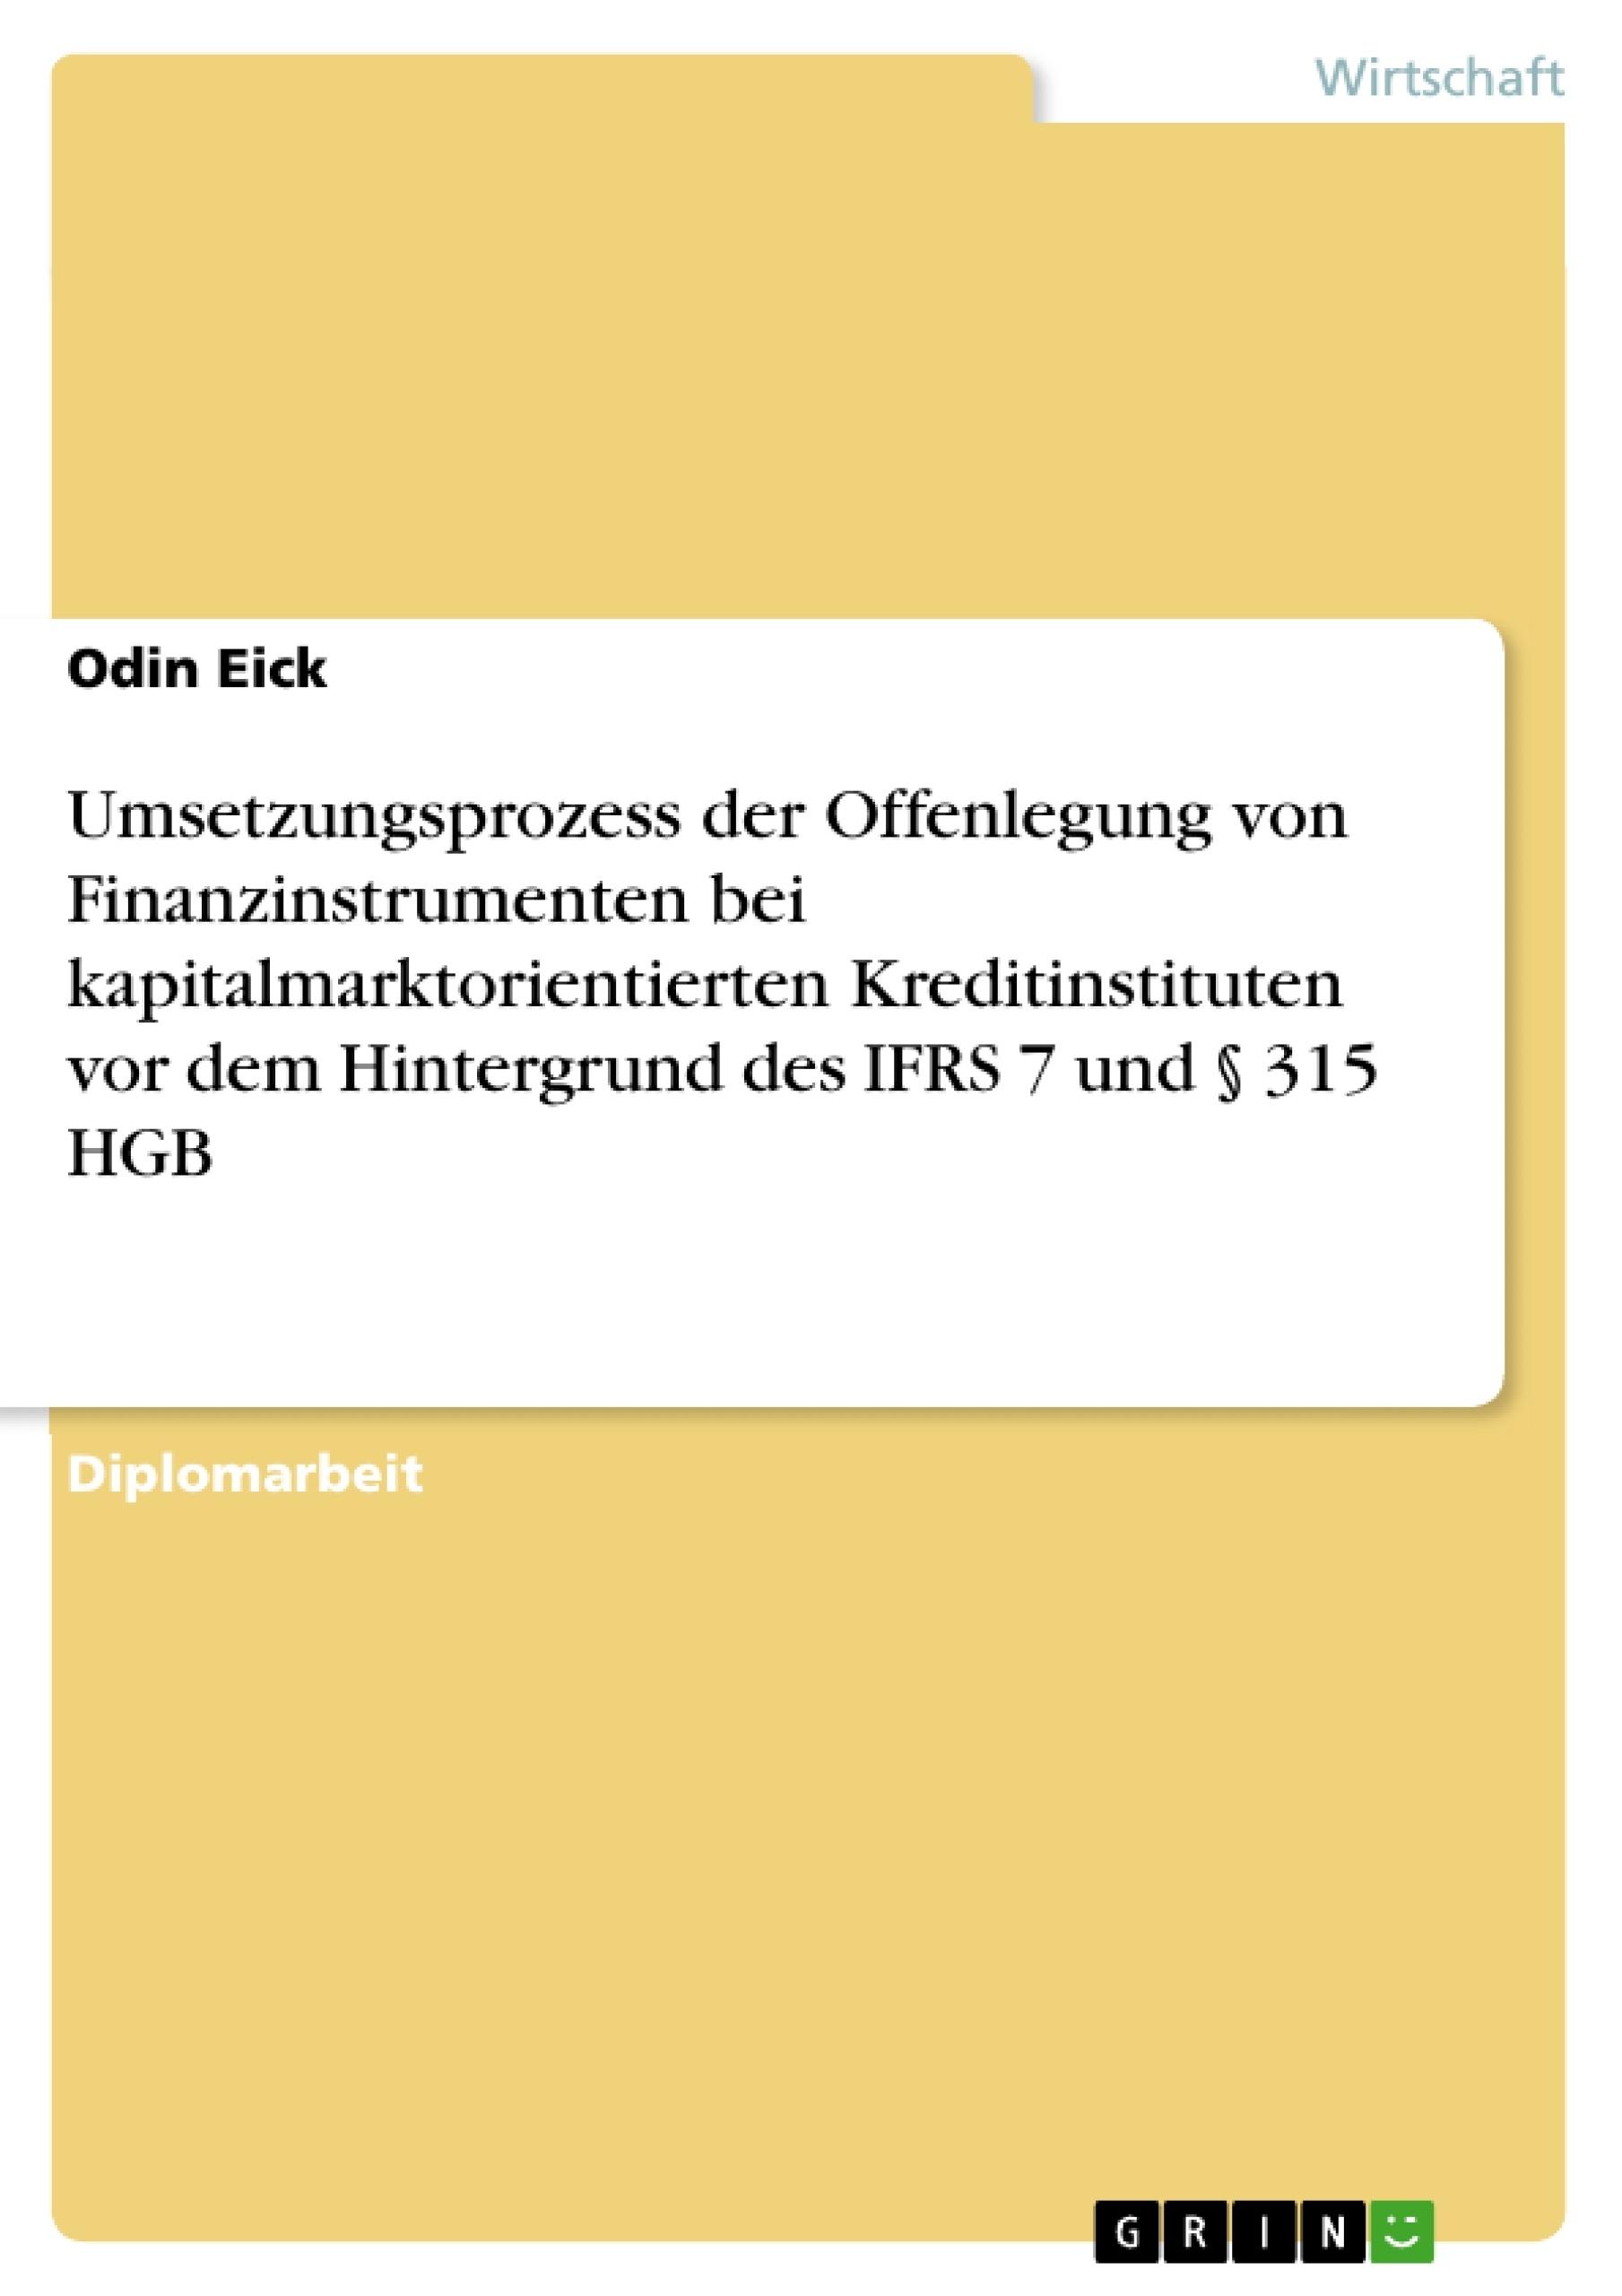 Titel: Umsetzungsprozess der Offenlegung von Finanzinstrumenten bei kapitalmarktorientierten Kreditinstituten vor dem Hintergrund des IFRS 7 und § 315 HGB